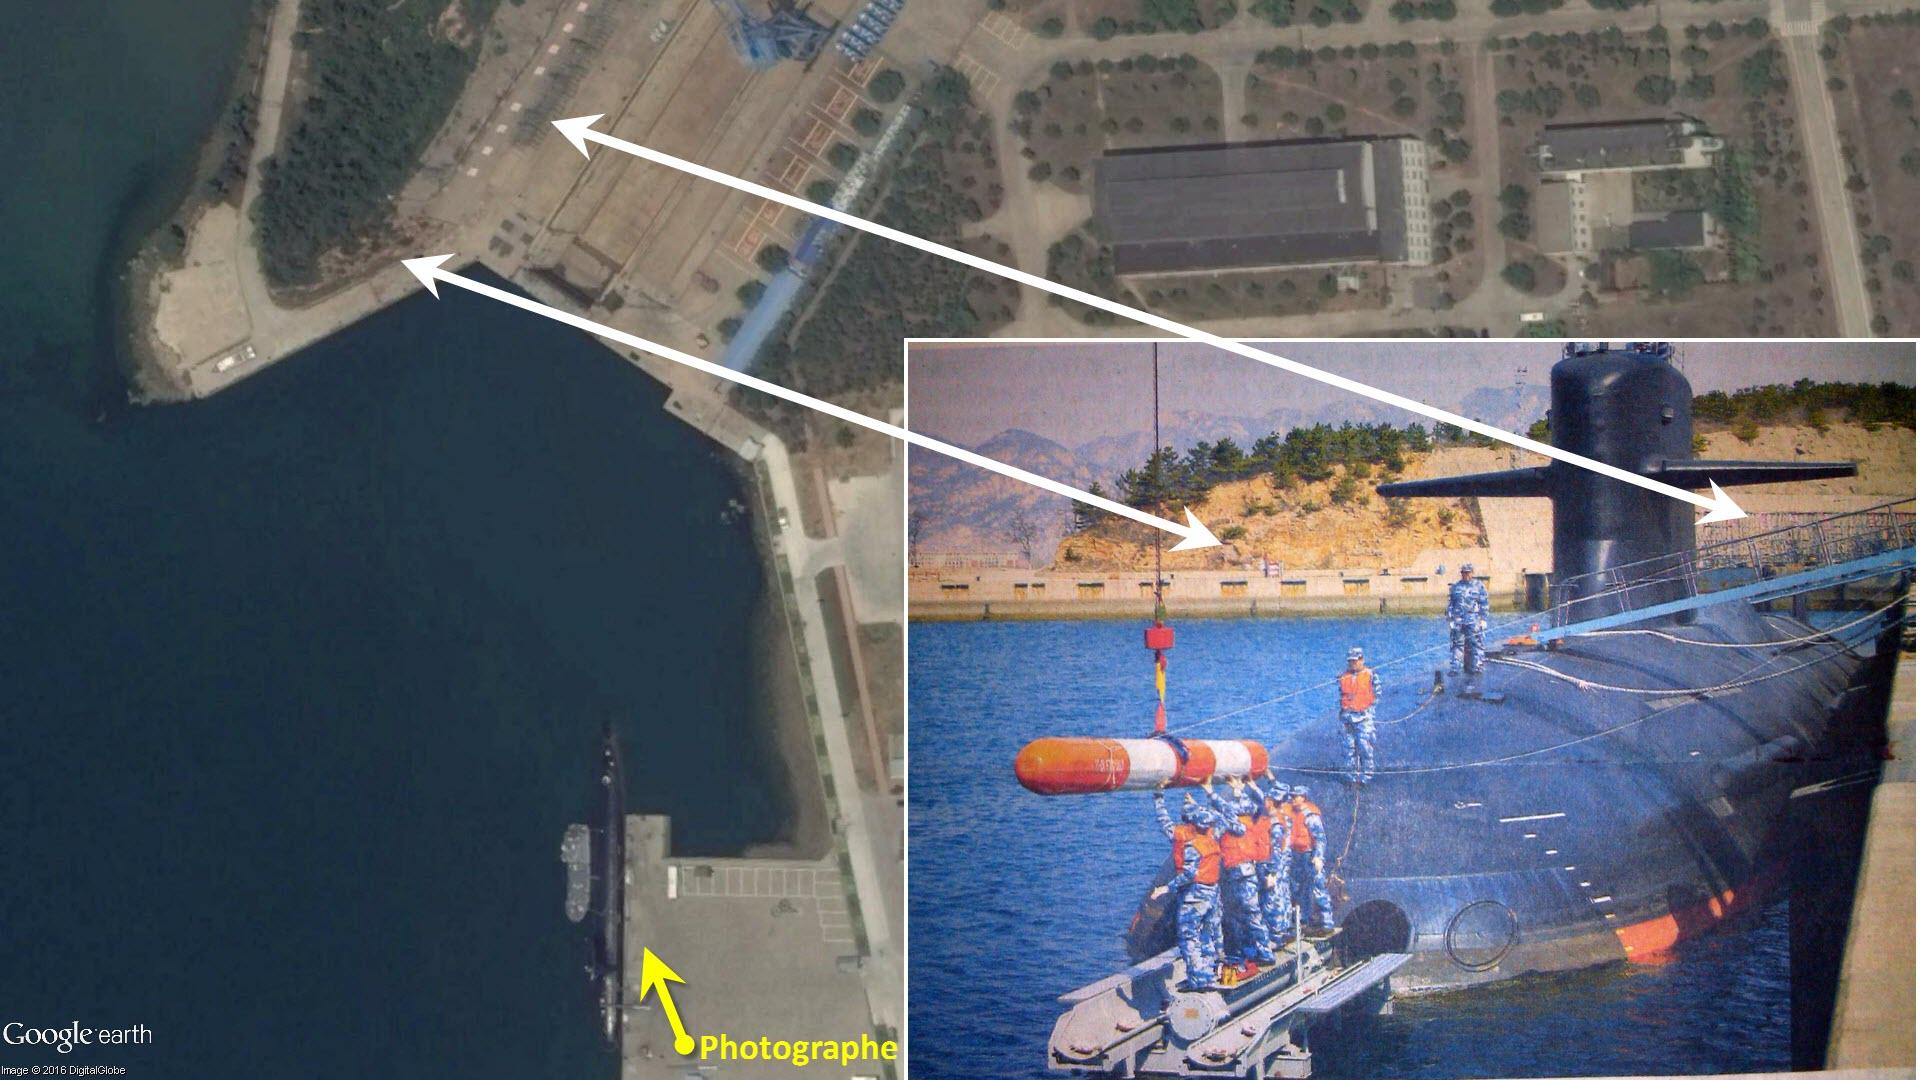 Une analyse rapide permet de voir que la photo est prise au quai Est de la base près de Qingdao.